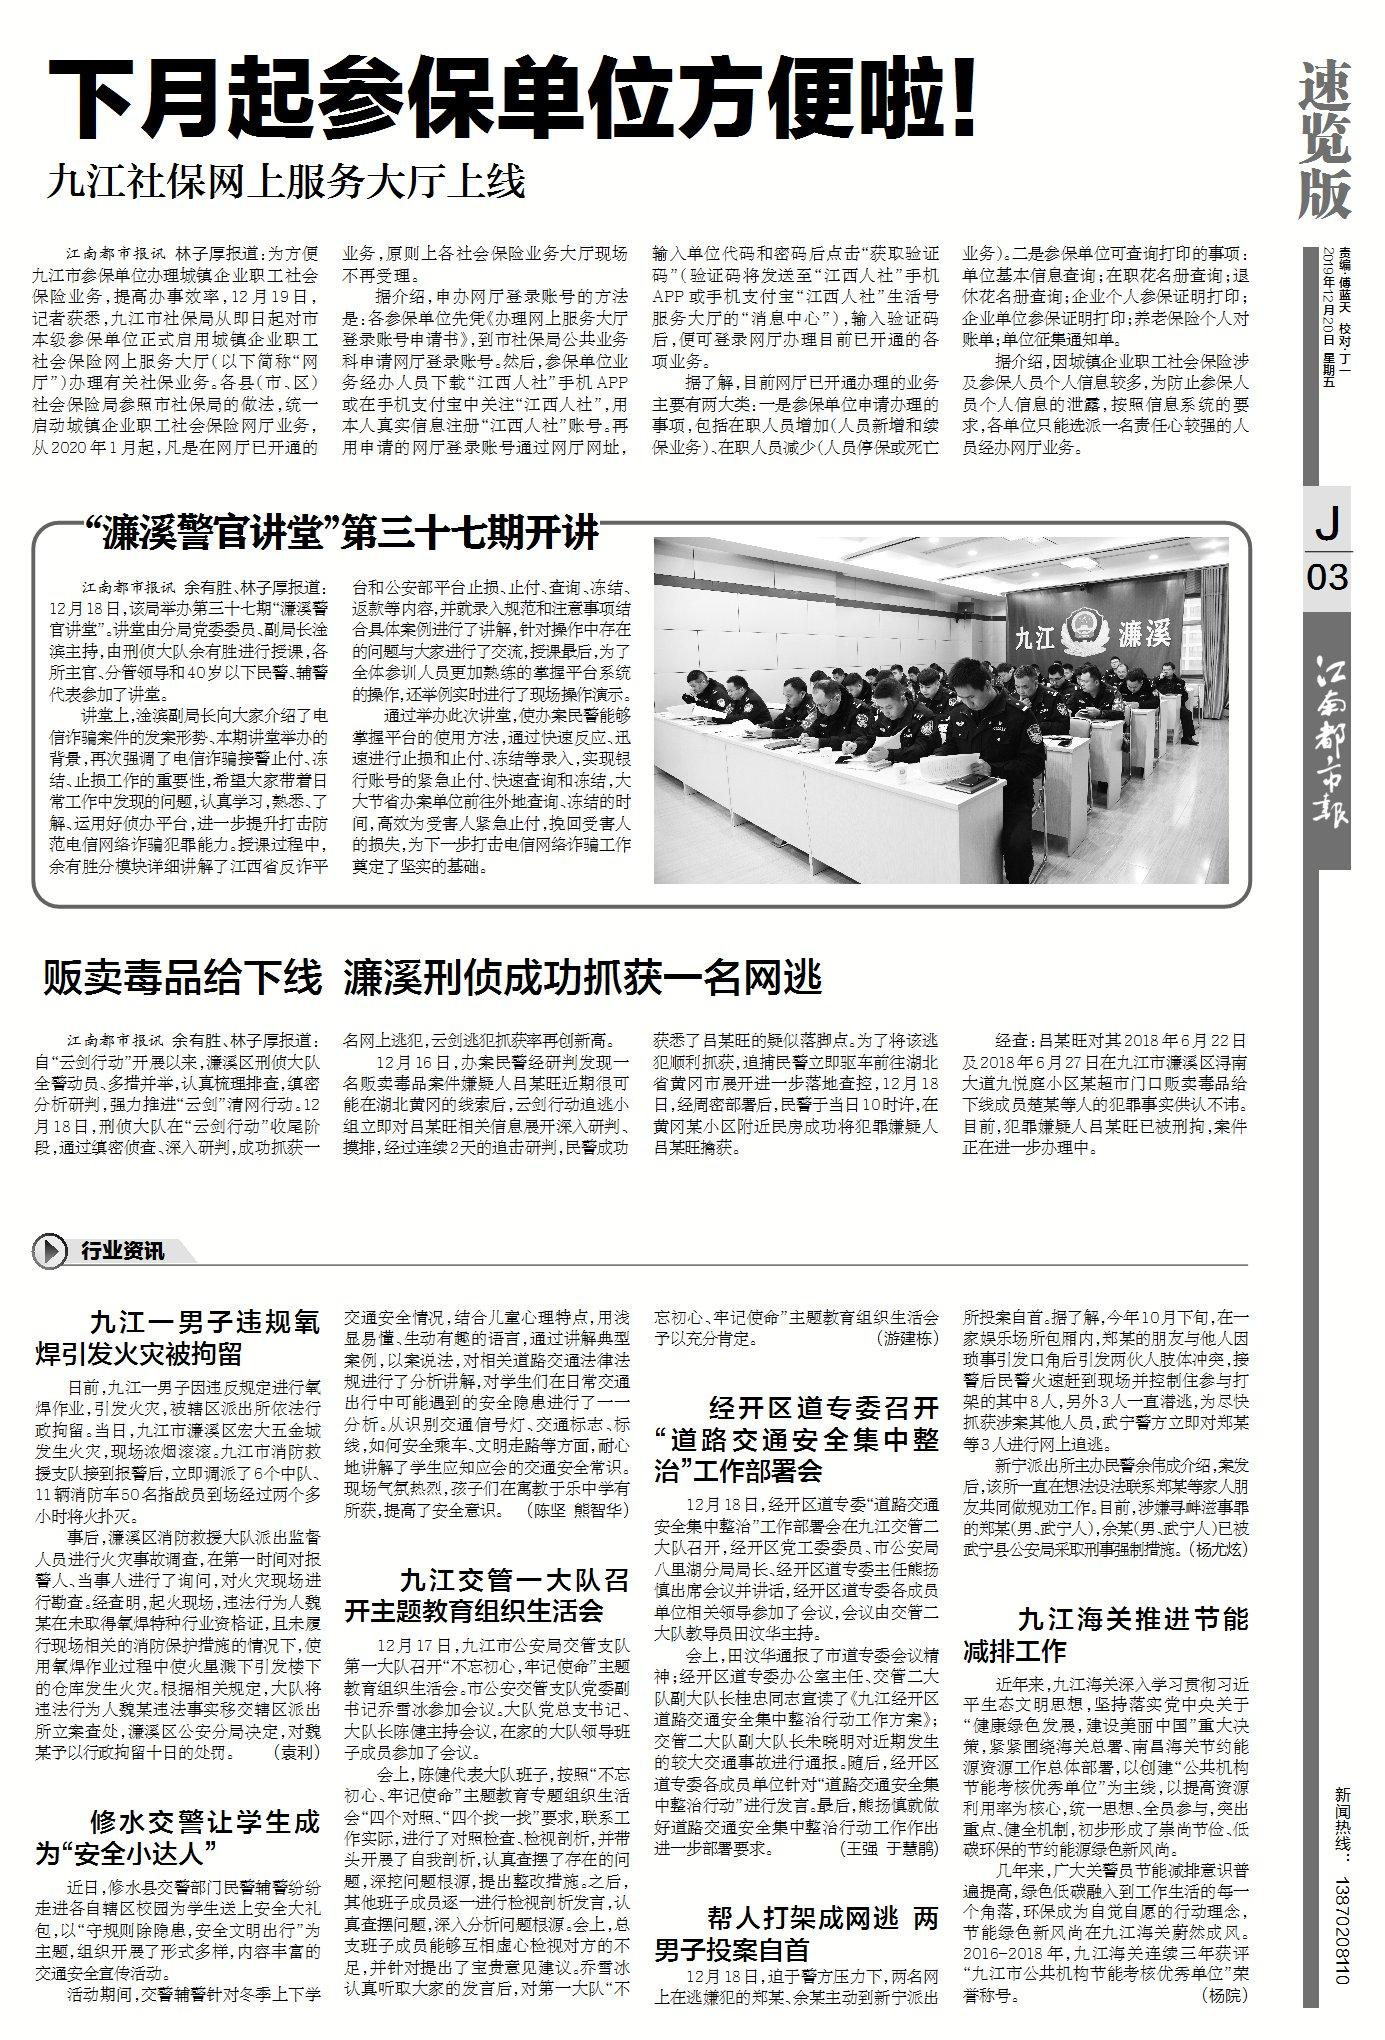 2019年12月20日江南都市报《亚博体育app苹果新闻》3版